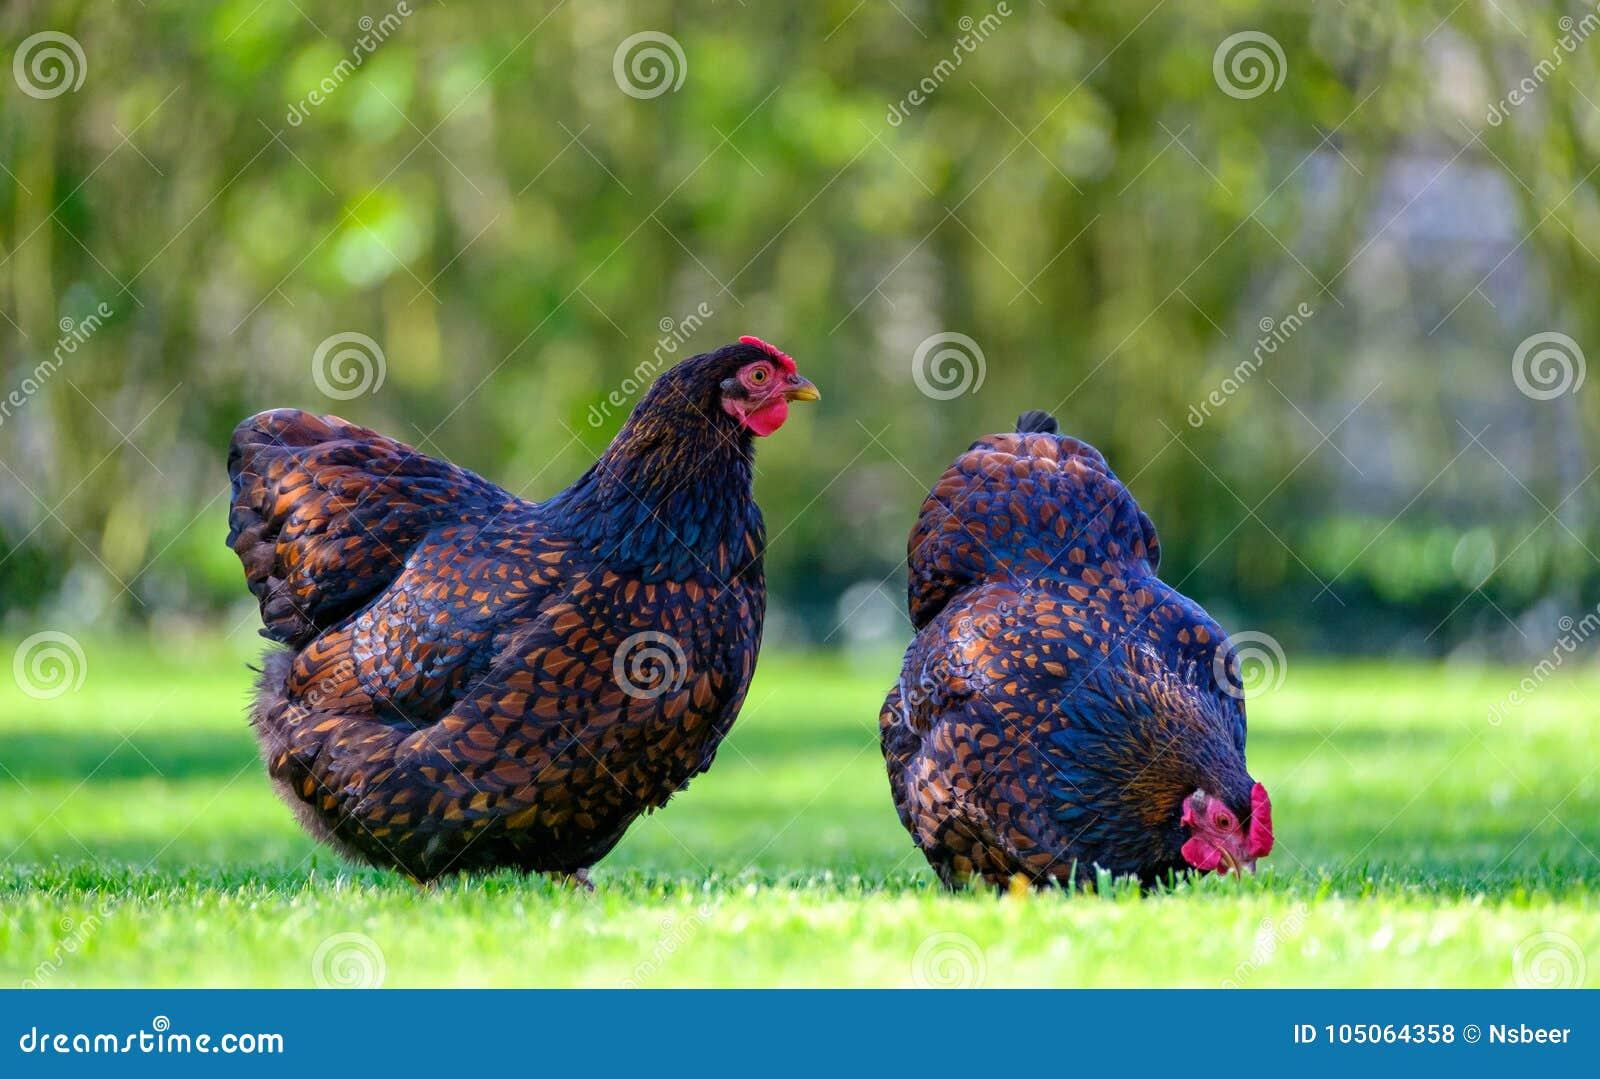 Paar volwassen Wynadotte-kippen gezien zoekend voedsel in een tuin